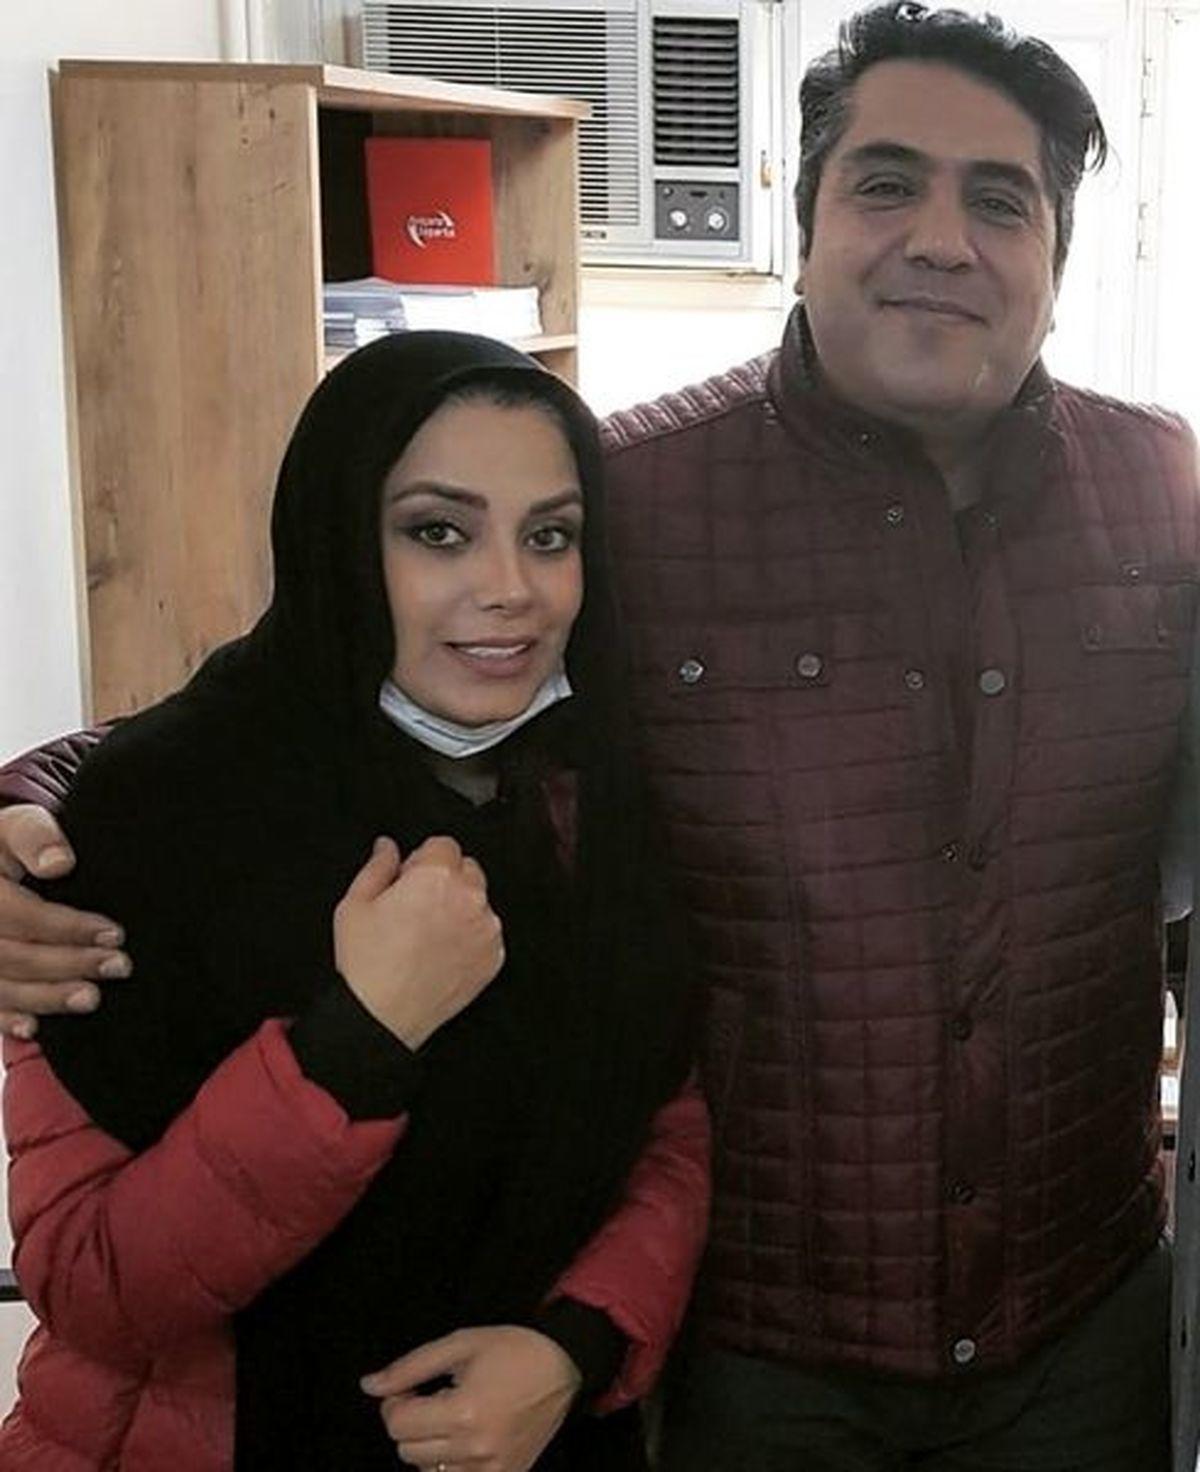 عکس لورفته از مجری معروف در کنار همسرش در ترکیه + عکس